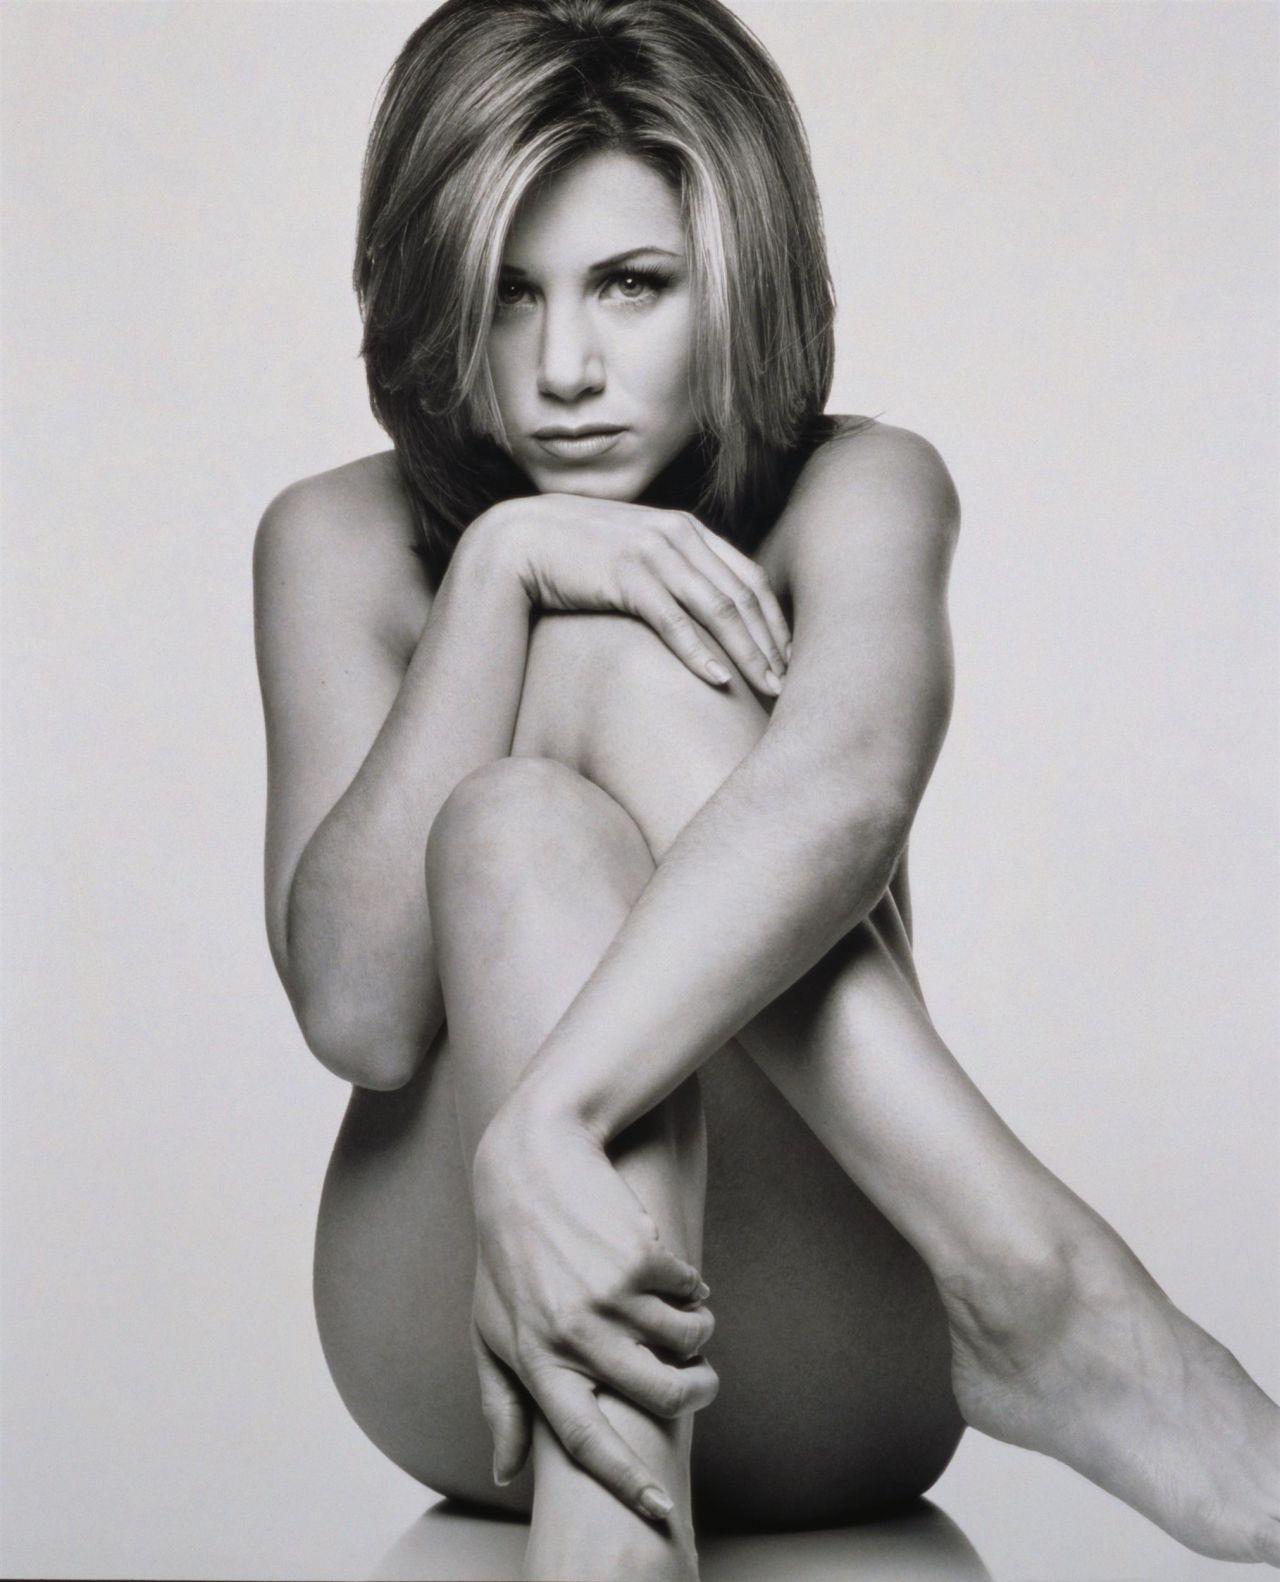 Jennifer Aniston çıplak fotoğrafını açık artırmaya çıkardı! - Sayfa 2